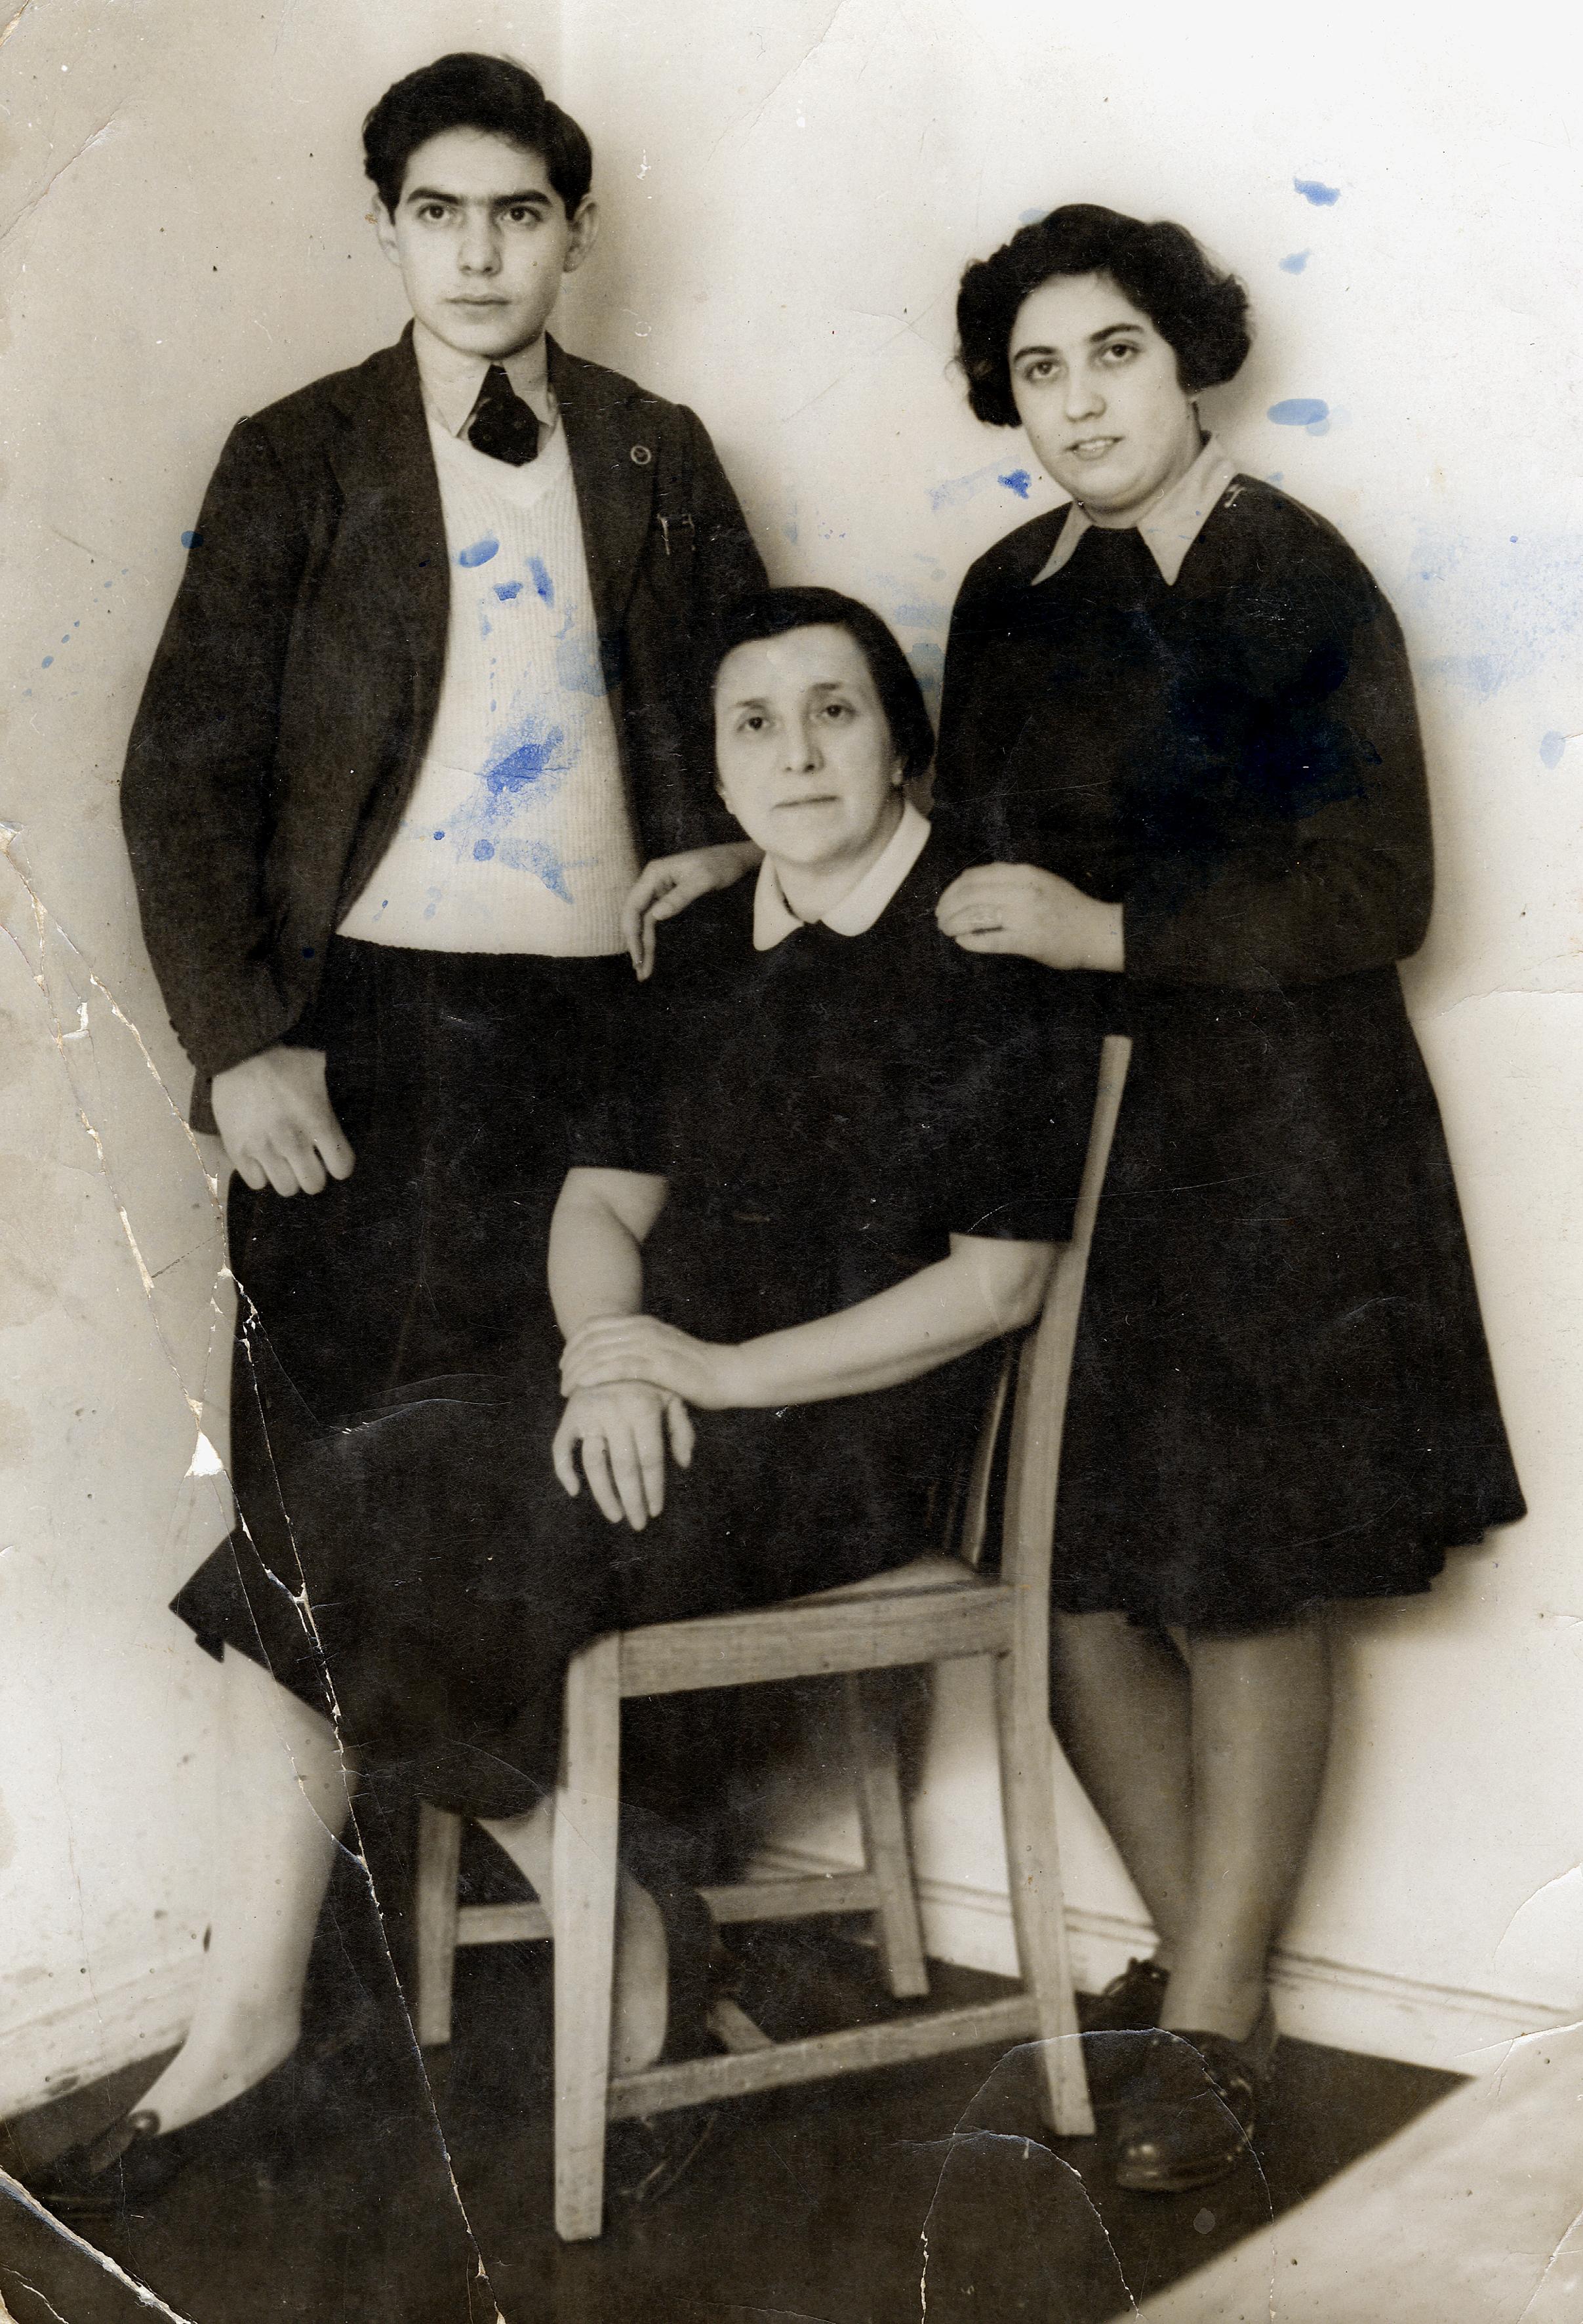 Hanny Hiegers Bruder Fritz Spiegl und Tante Kitty Geiringer in England